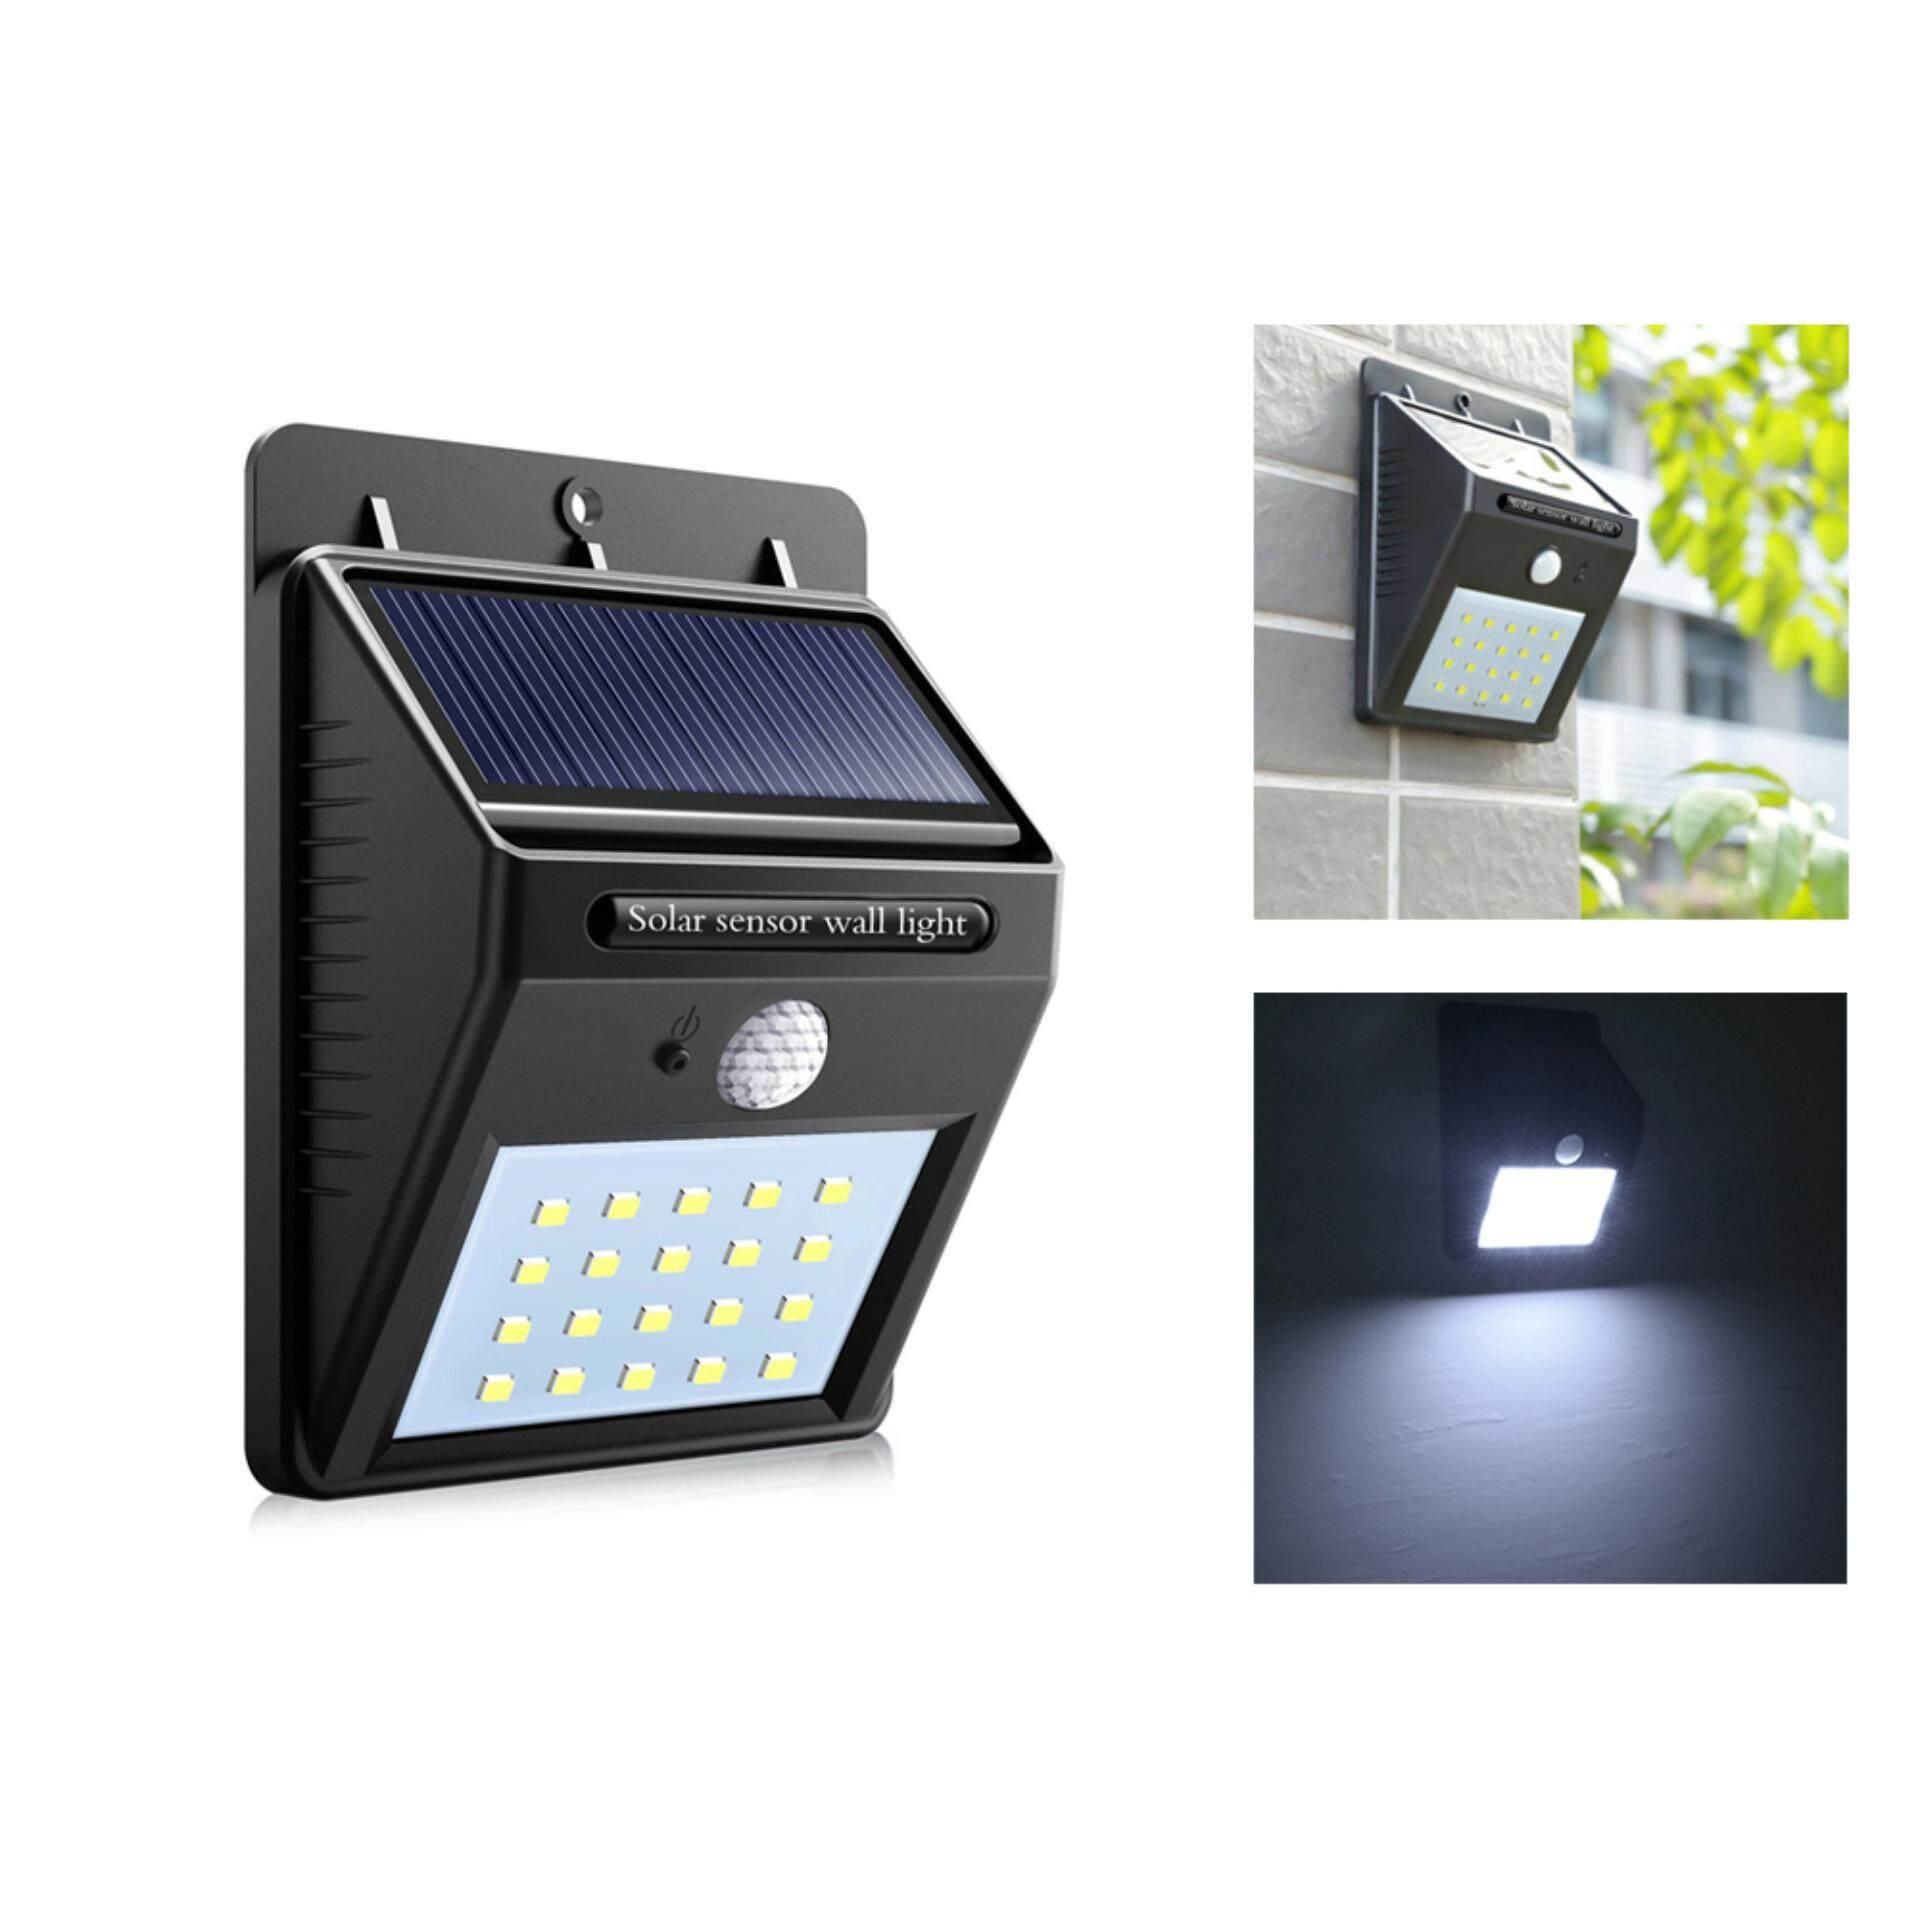 โคมไฟแบบติตตั้งผนัง พลังงานแสงอาทิตย์ Motion Sensor Solar Power Led Light Outdoor Garden Wall Lamp Waterproof.